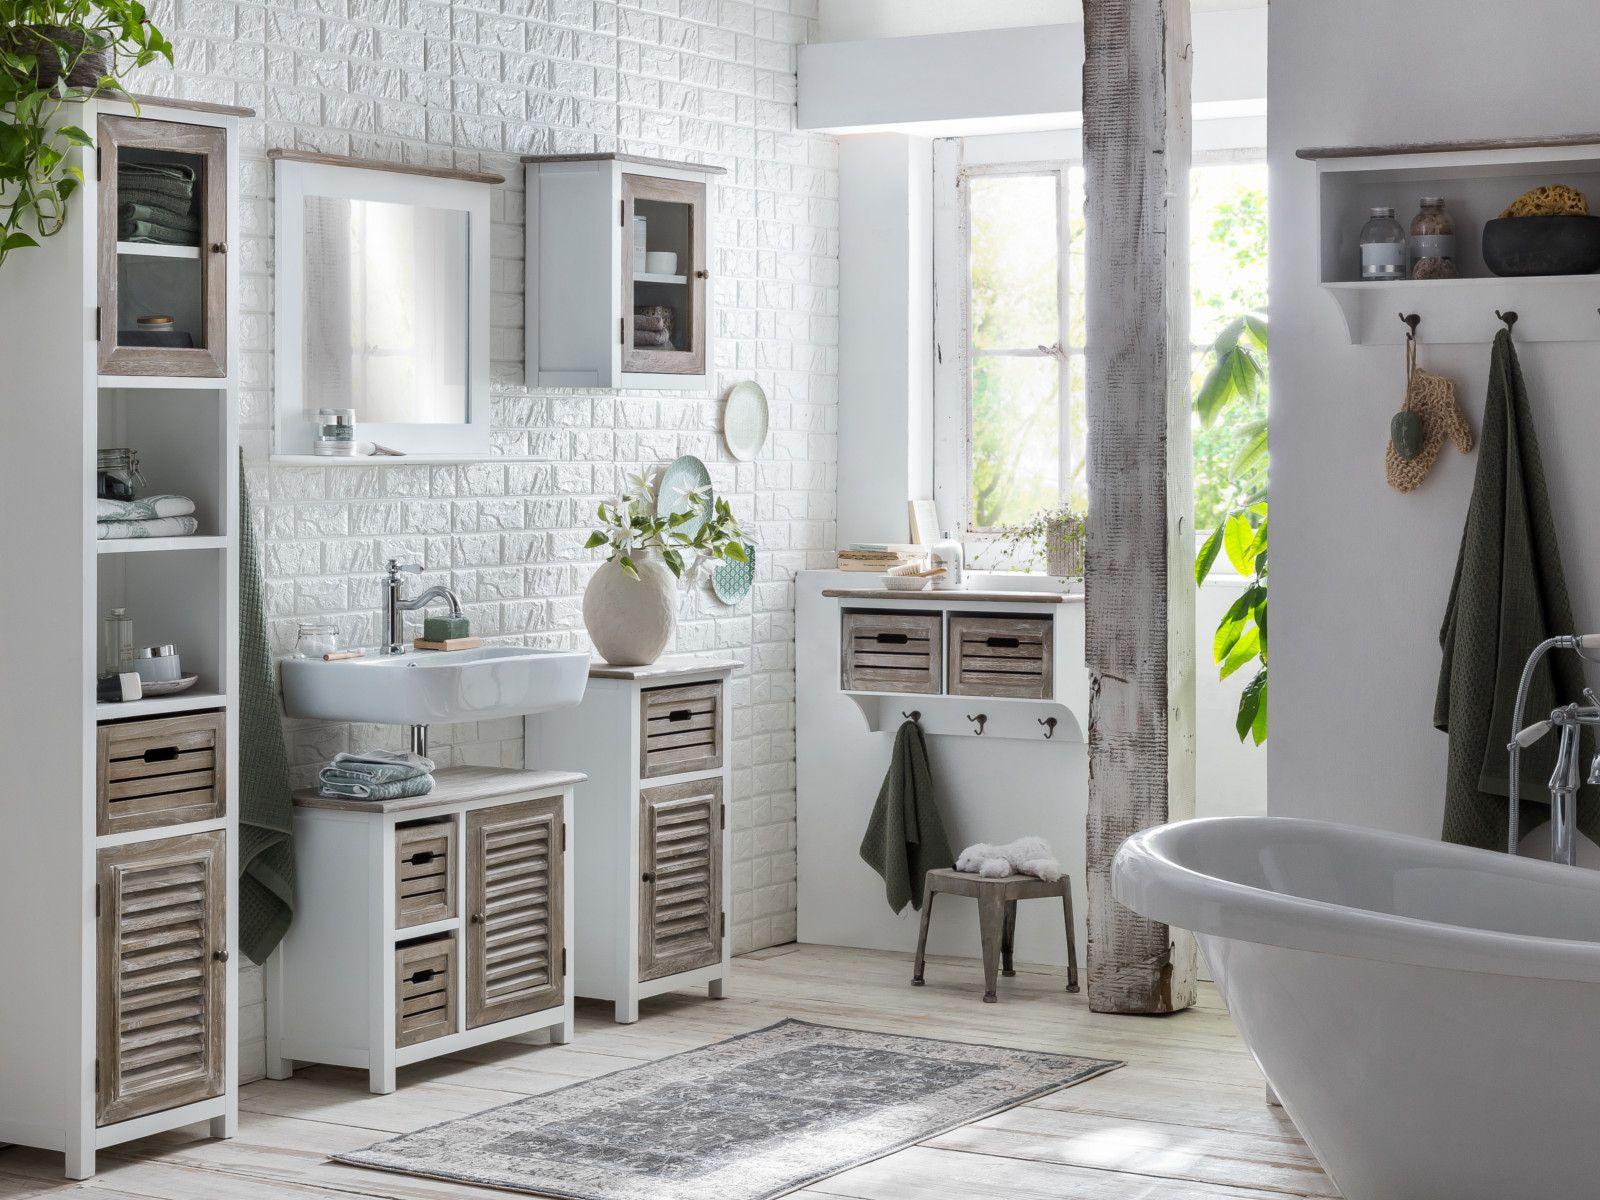 Badmobel Set Kansas Kleine Badezimmer Badezimmer Inspiration Und Landhausstil